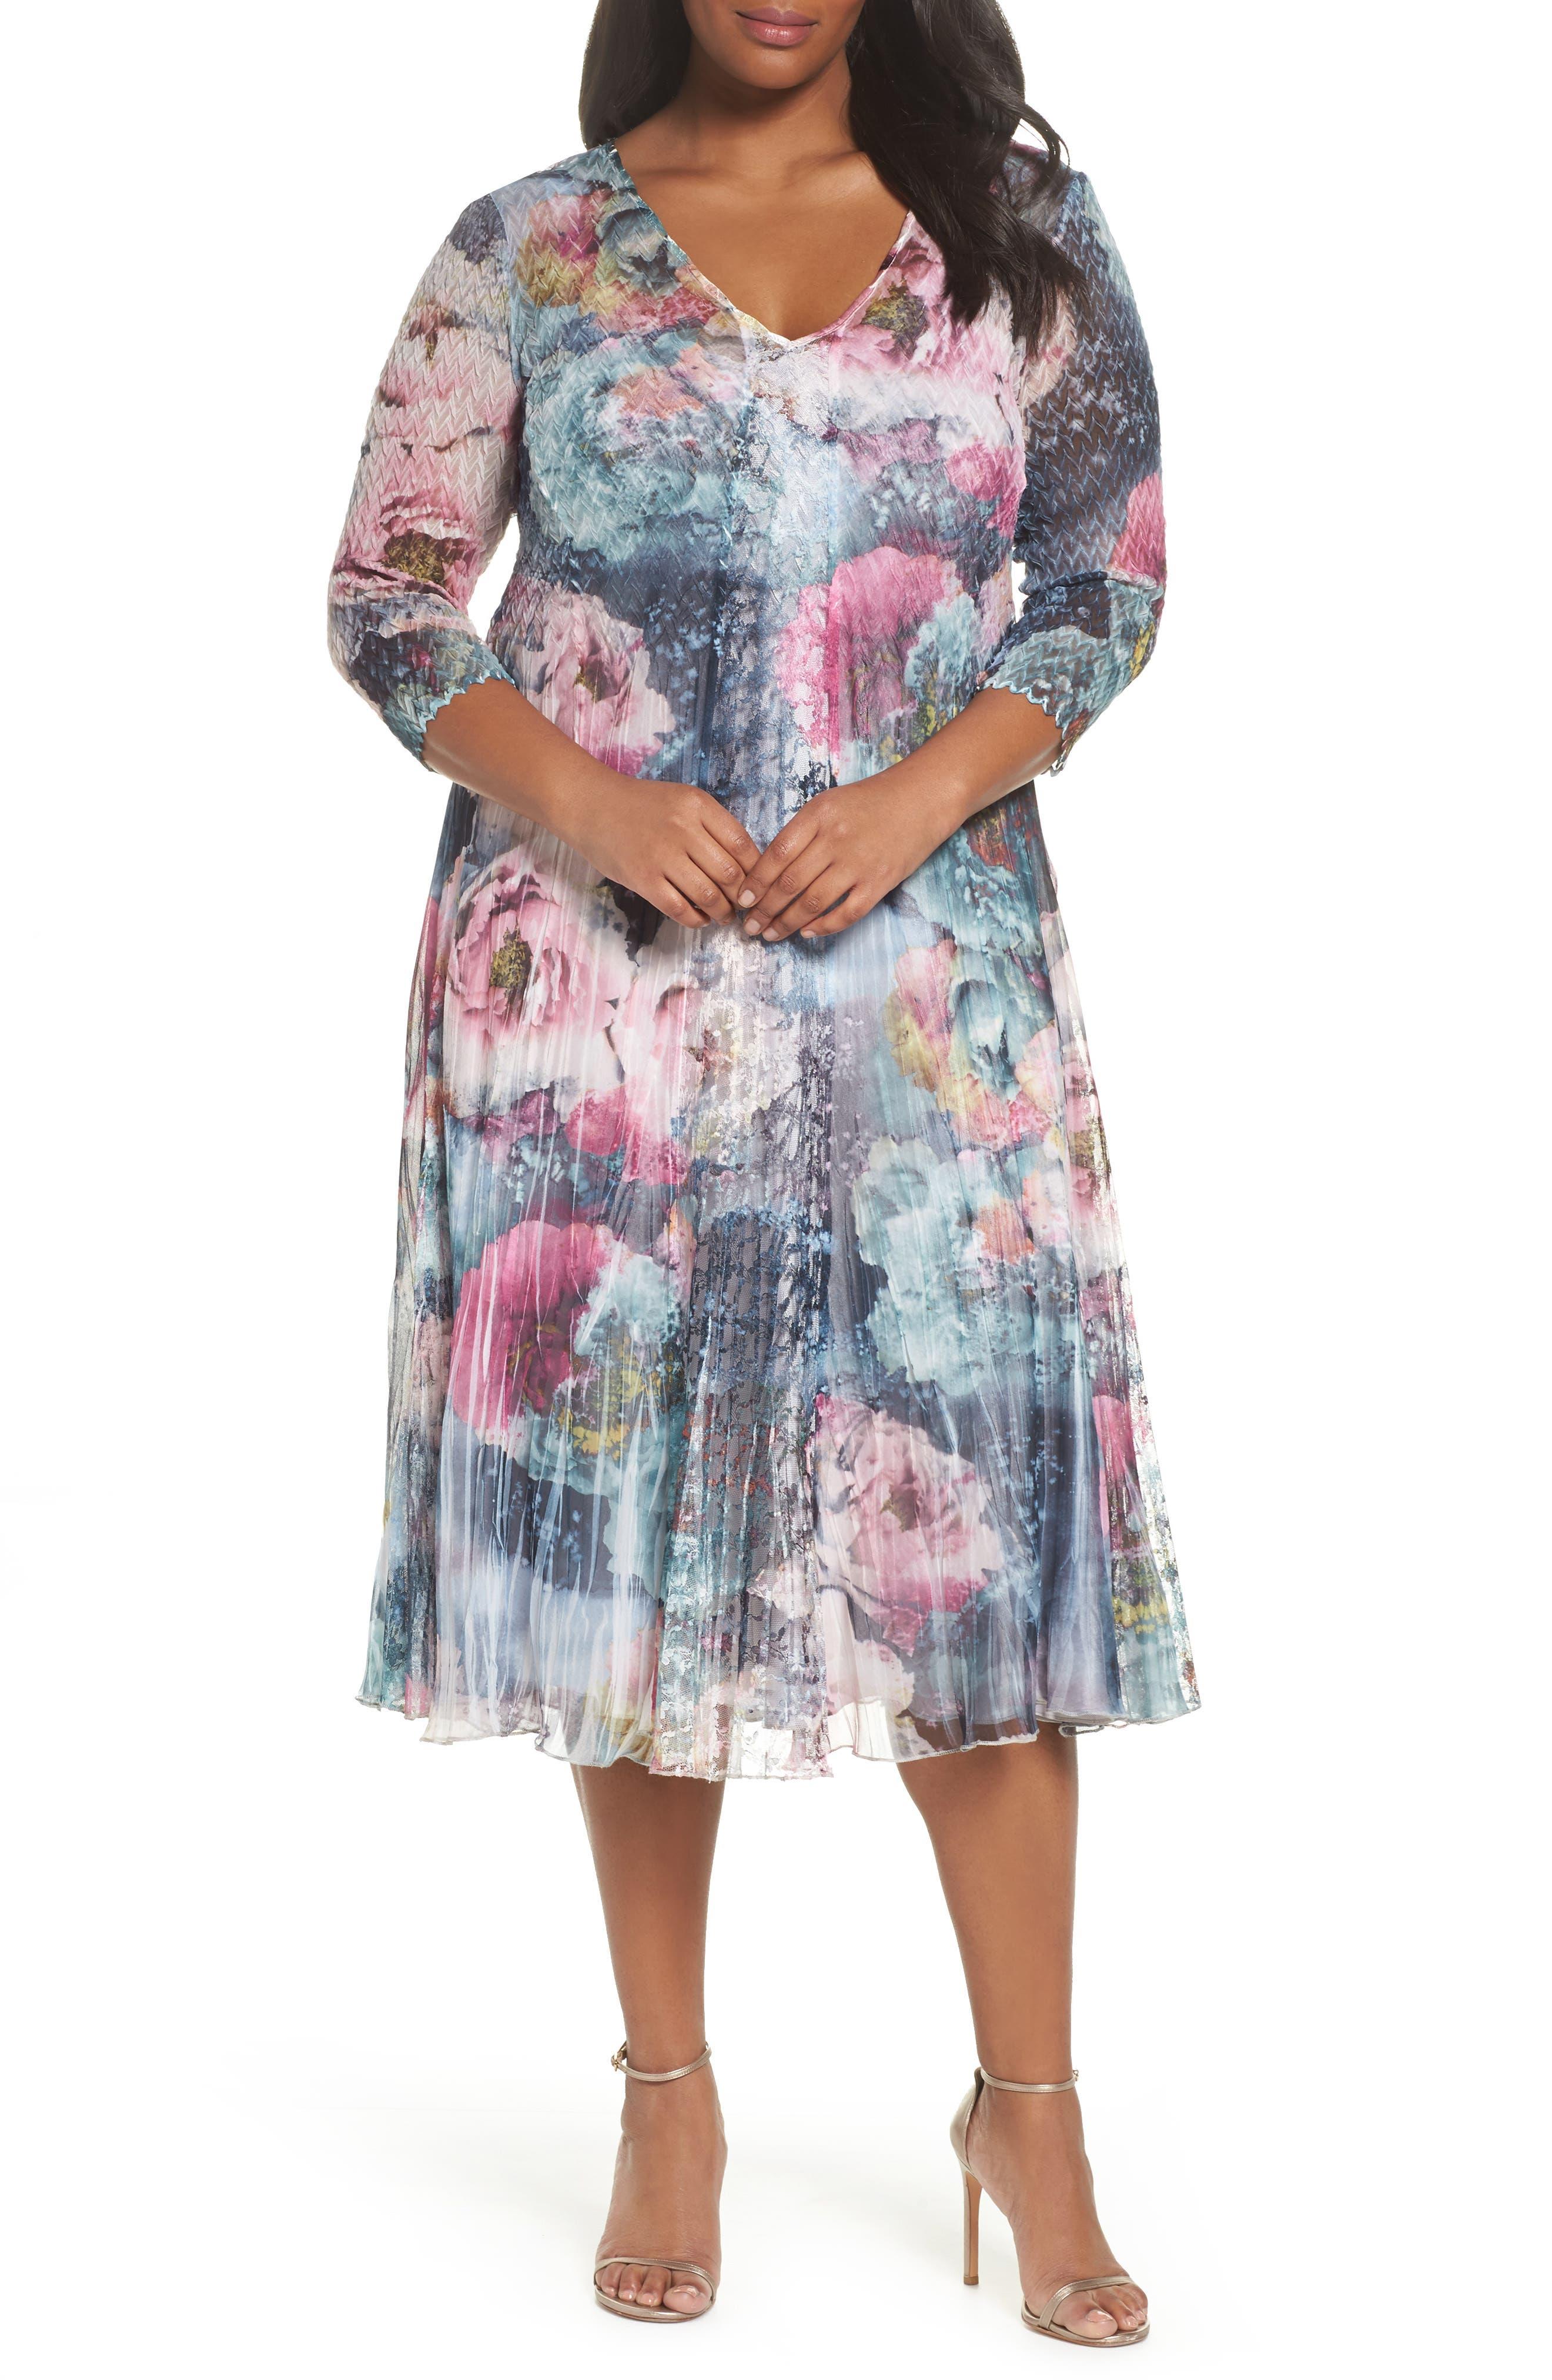 Dress Floral Chiffon & Lace Dress,                             Main thumbnail 1, color,                             Rapture Rose